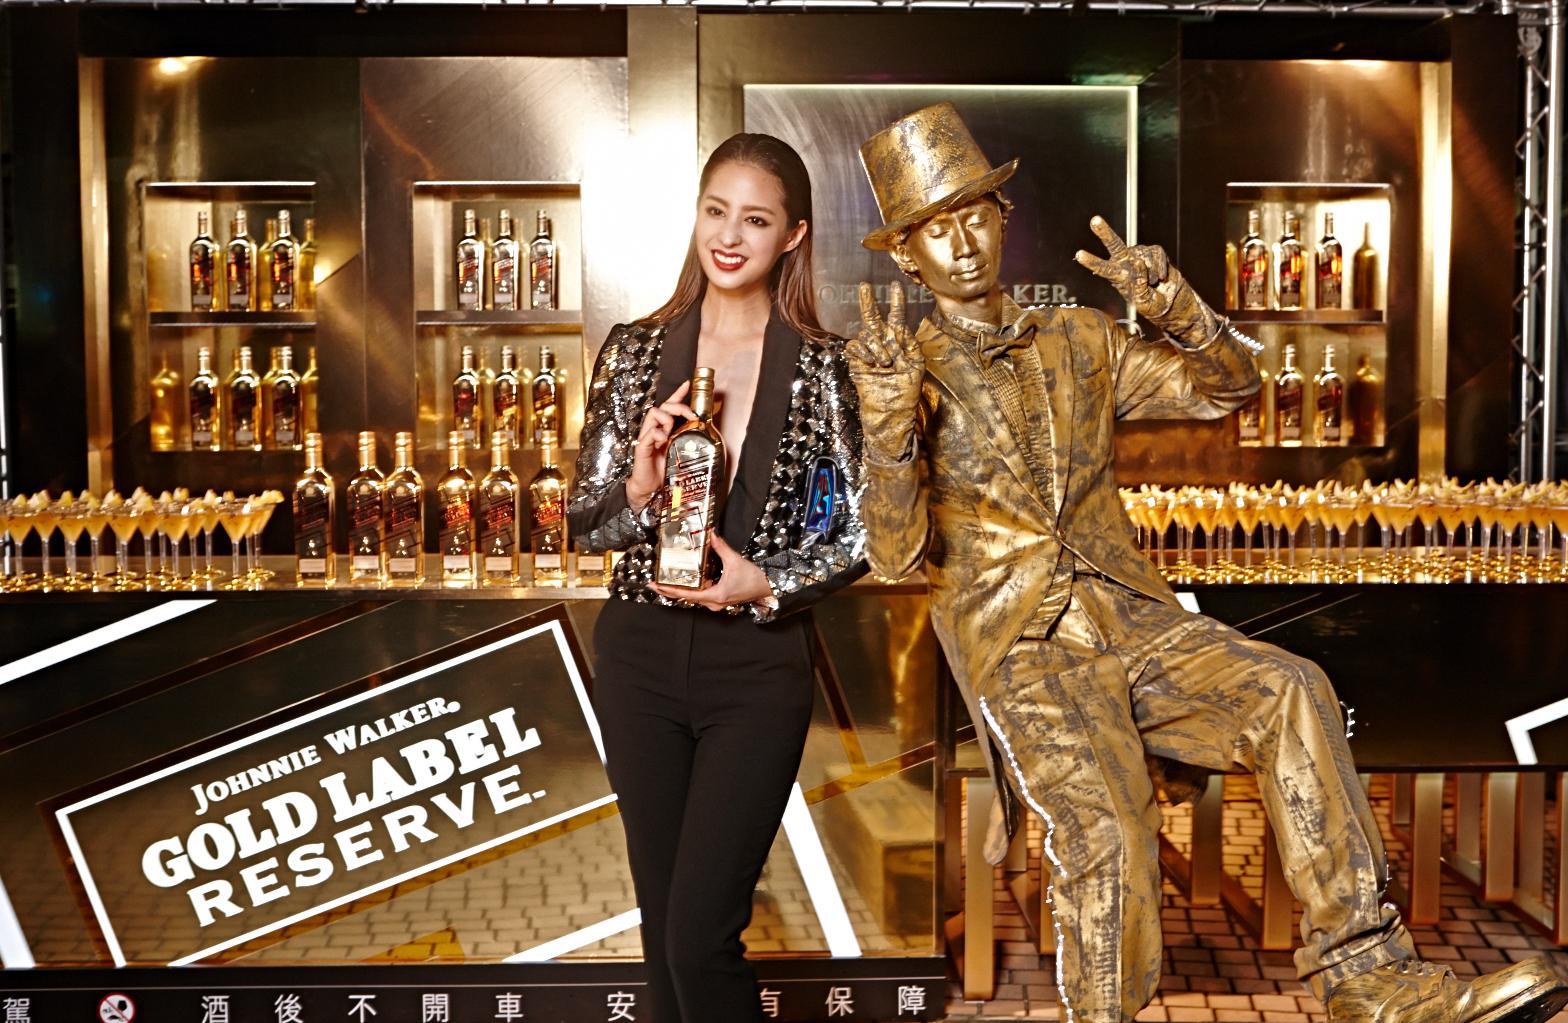 五月生日的時尚女神莫允雯出席微風銀河之夜,並現身JOHNNIE WALKER®金牌珍藏™酒吧,與JOHNNIE WALKER邁步向前的紳士及現場民眾同樂